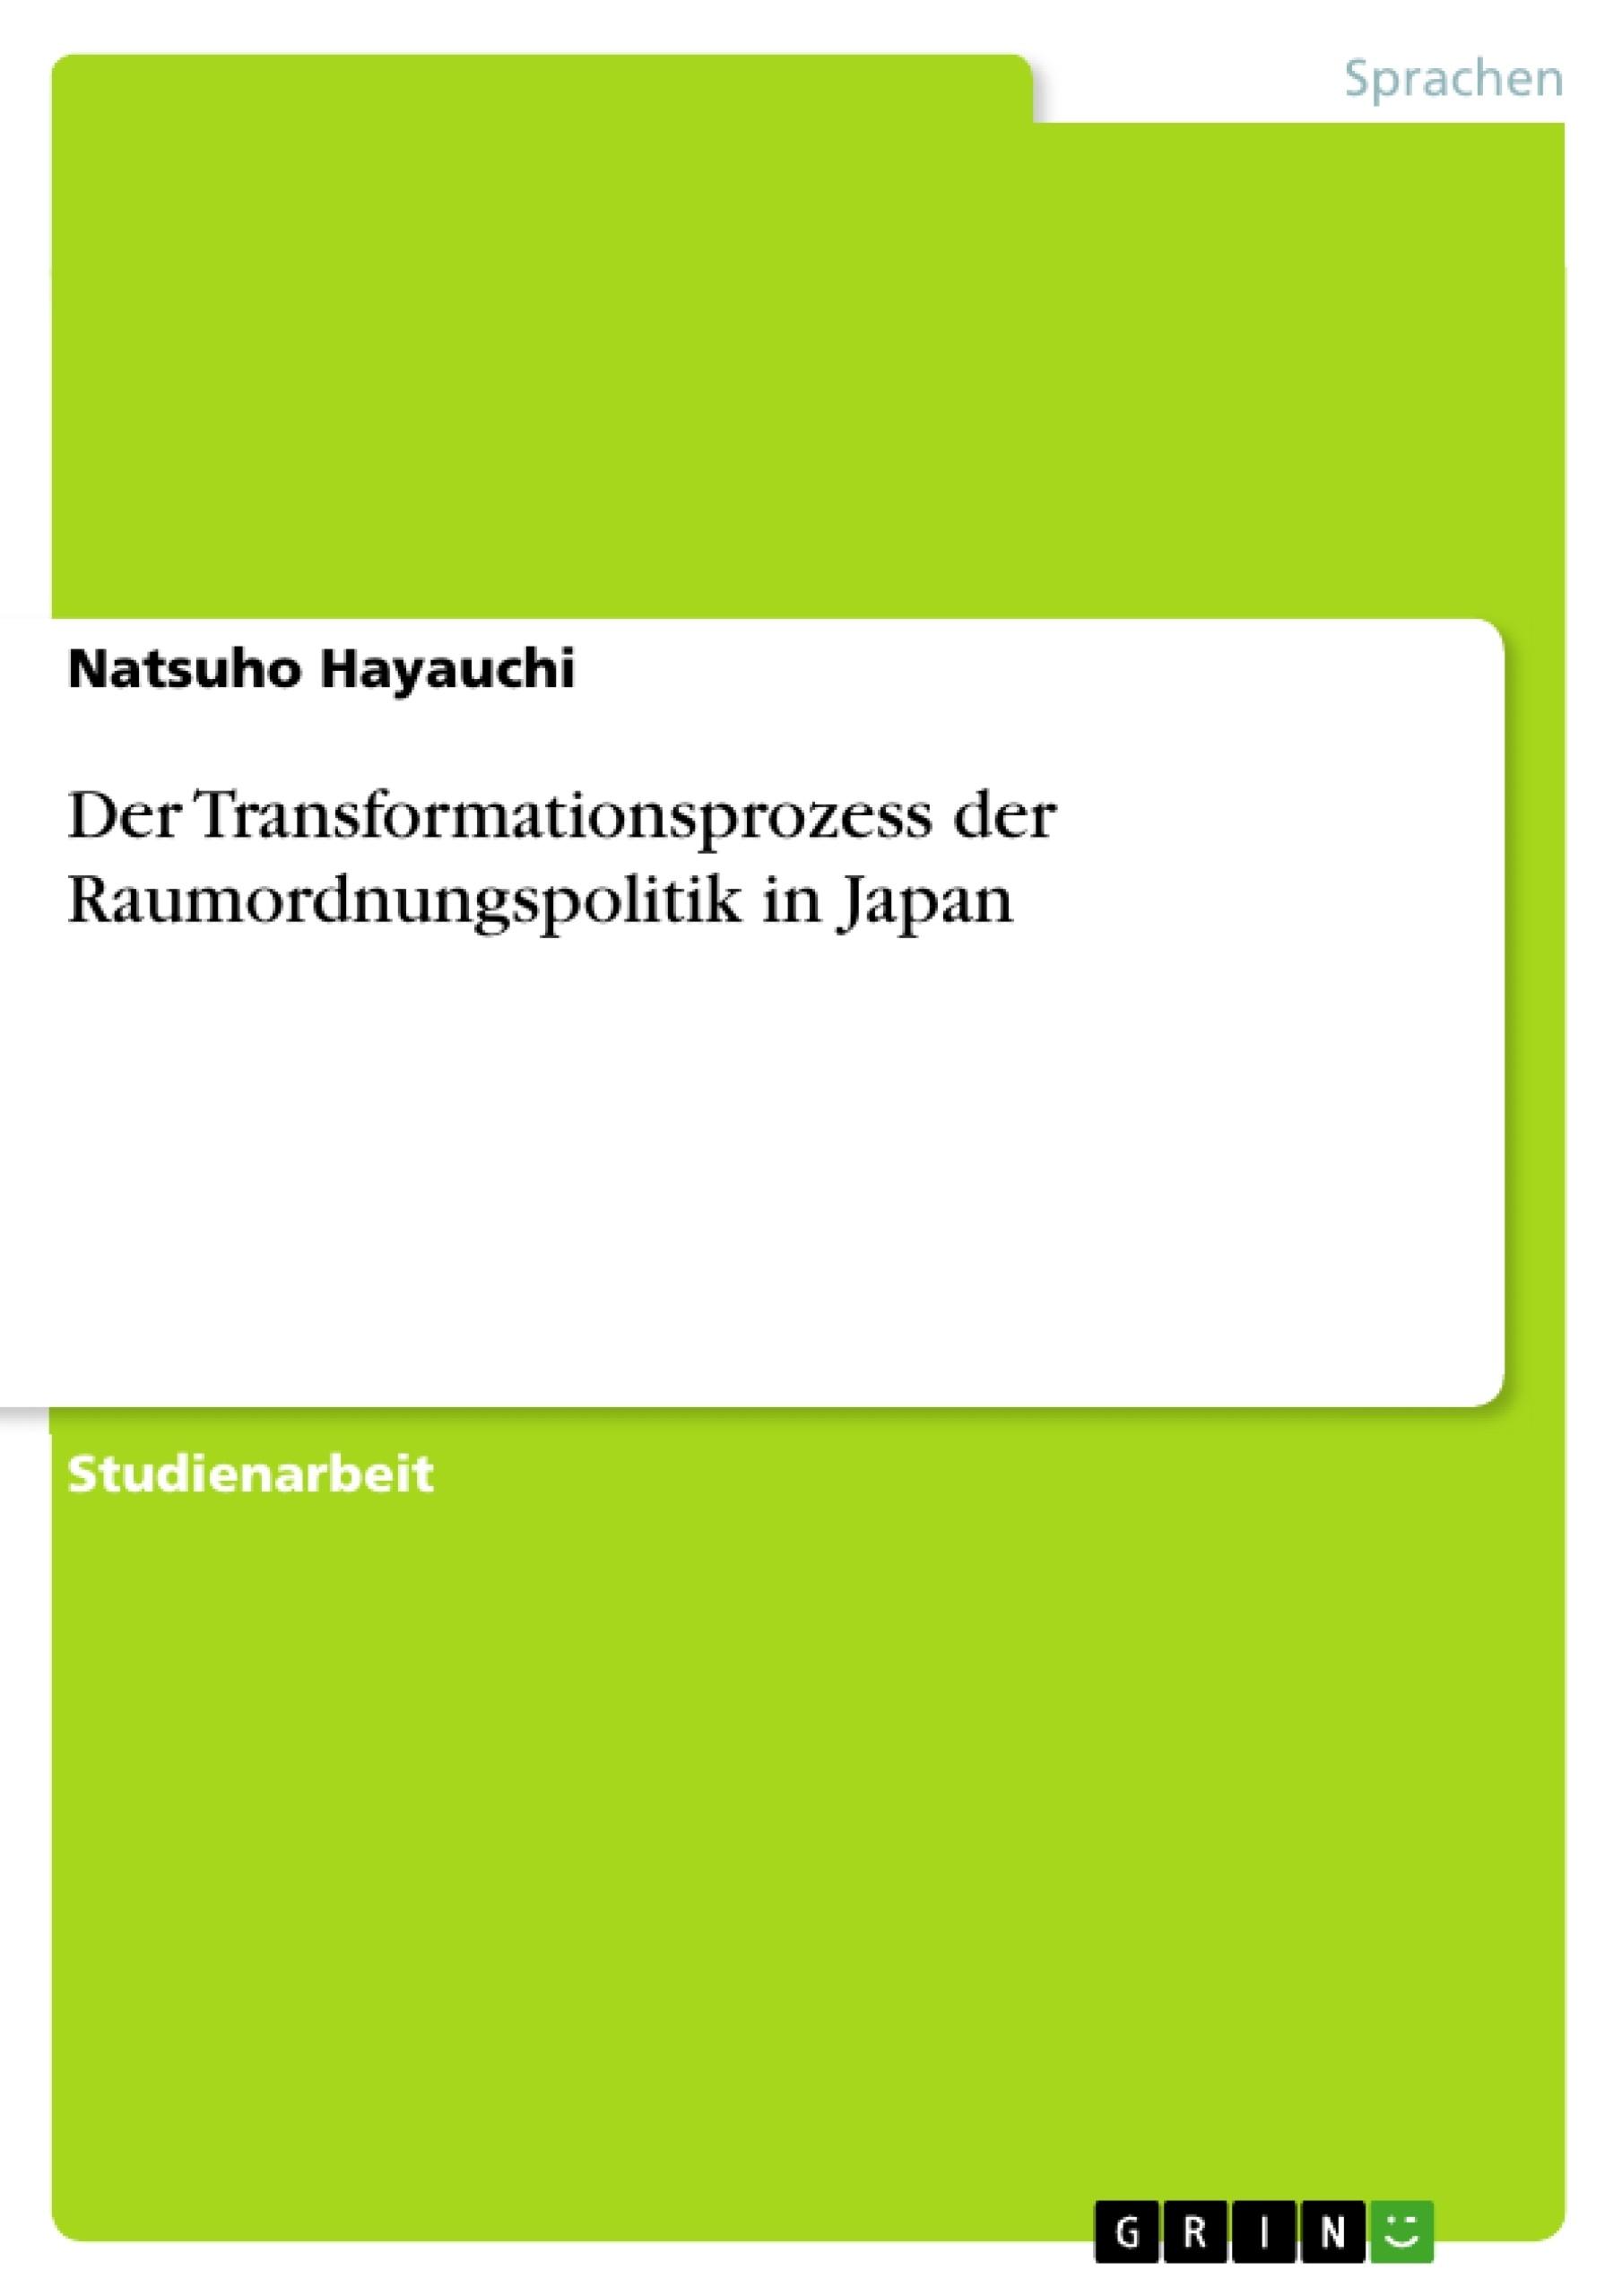 Titel: Der Transformationsprozess der Raumordnungspolitik in Japan